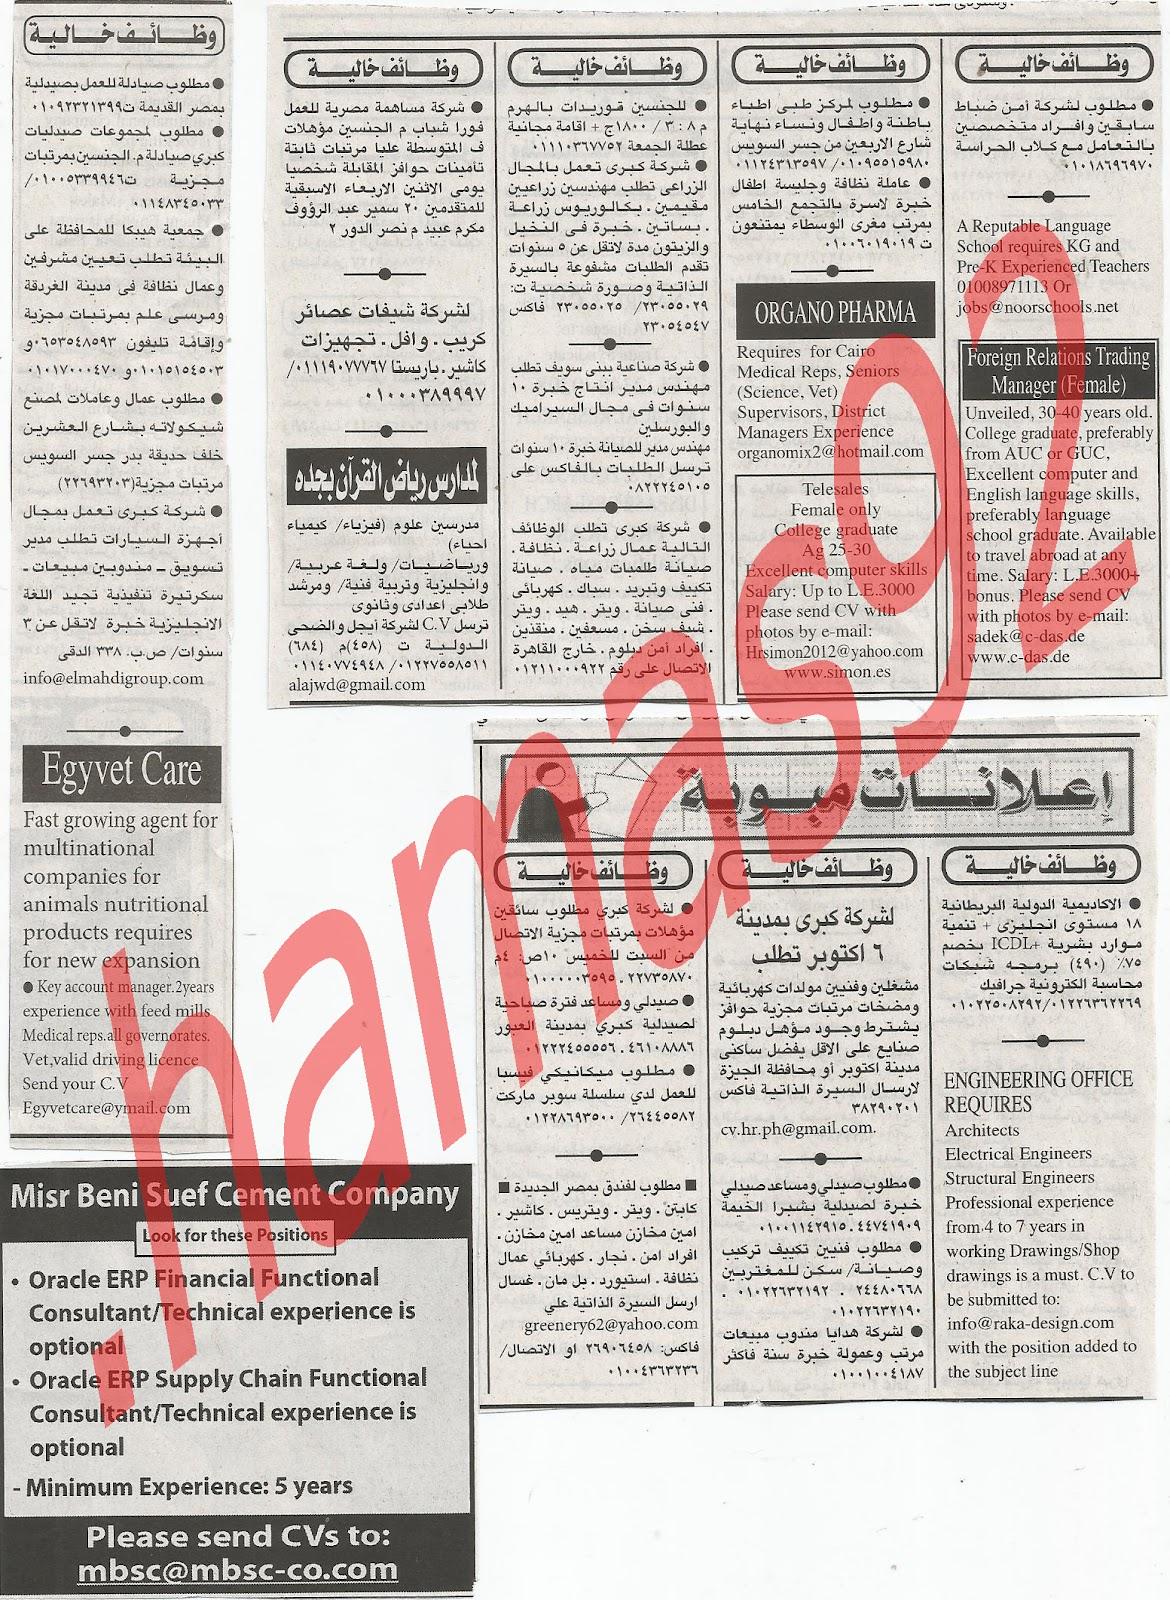 وظائف جريدة الاهرام الجمعة 20/7/2012 - الاعلانات كاملة 7